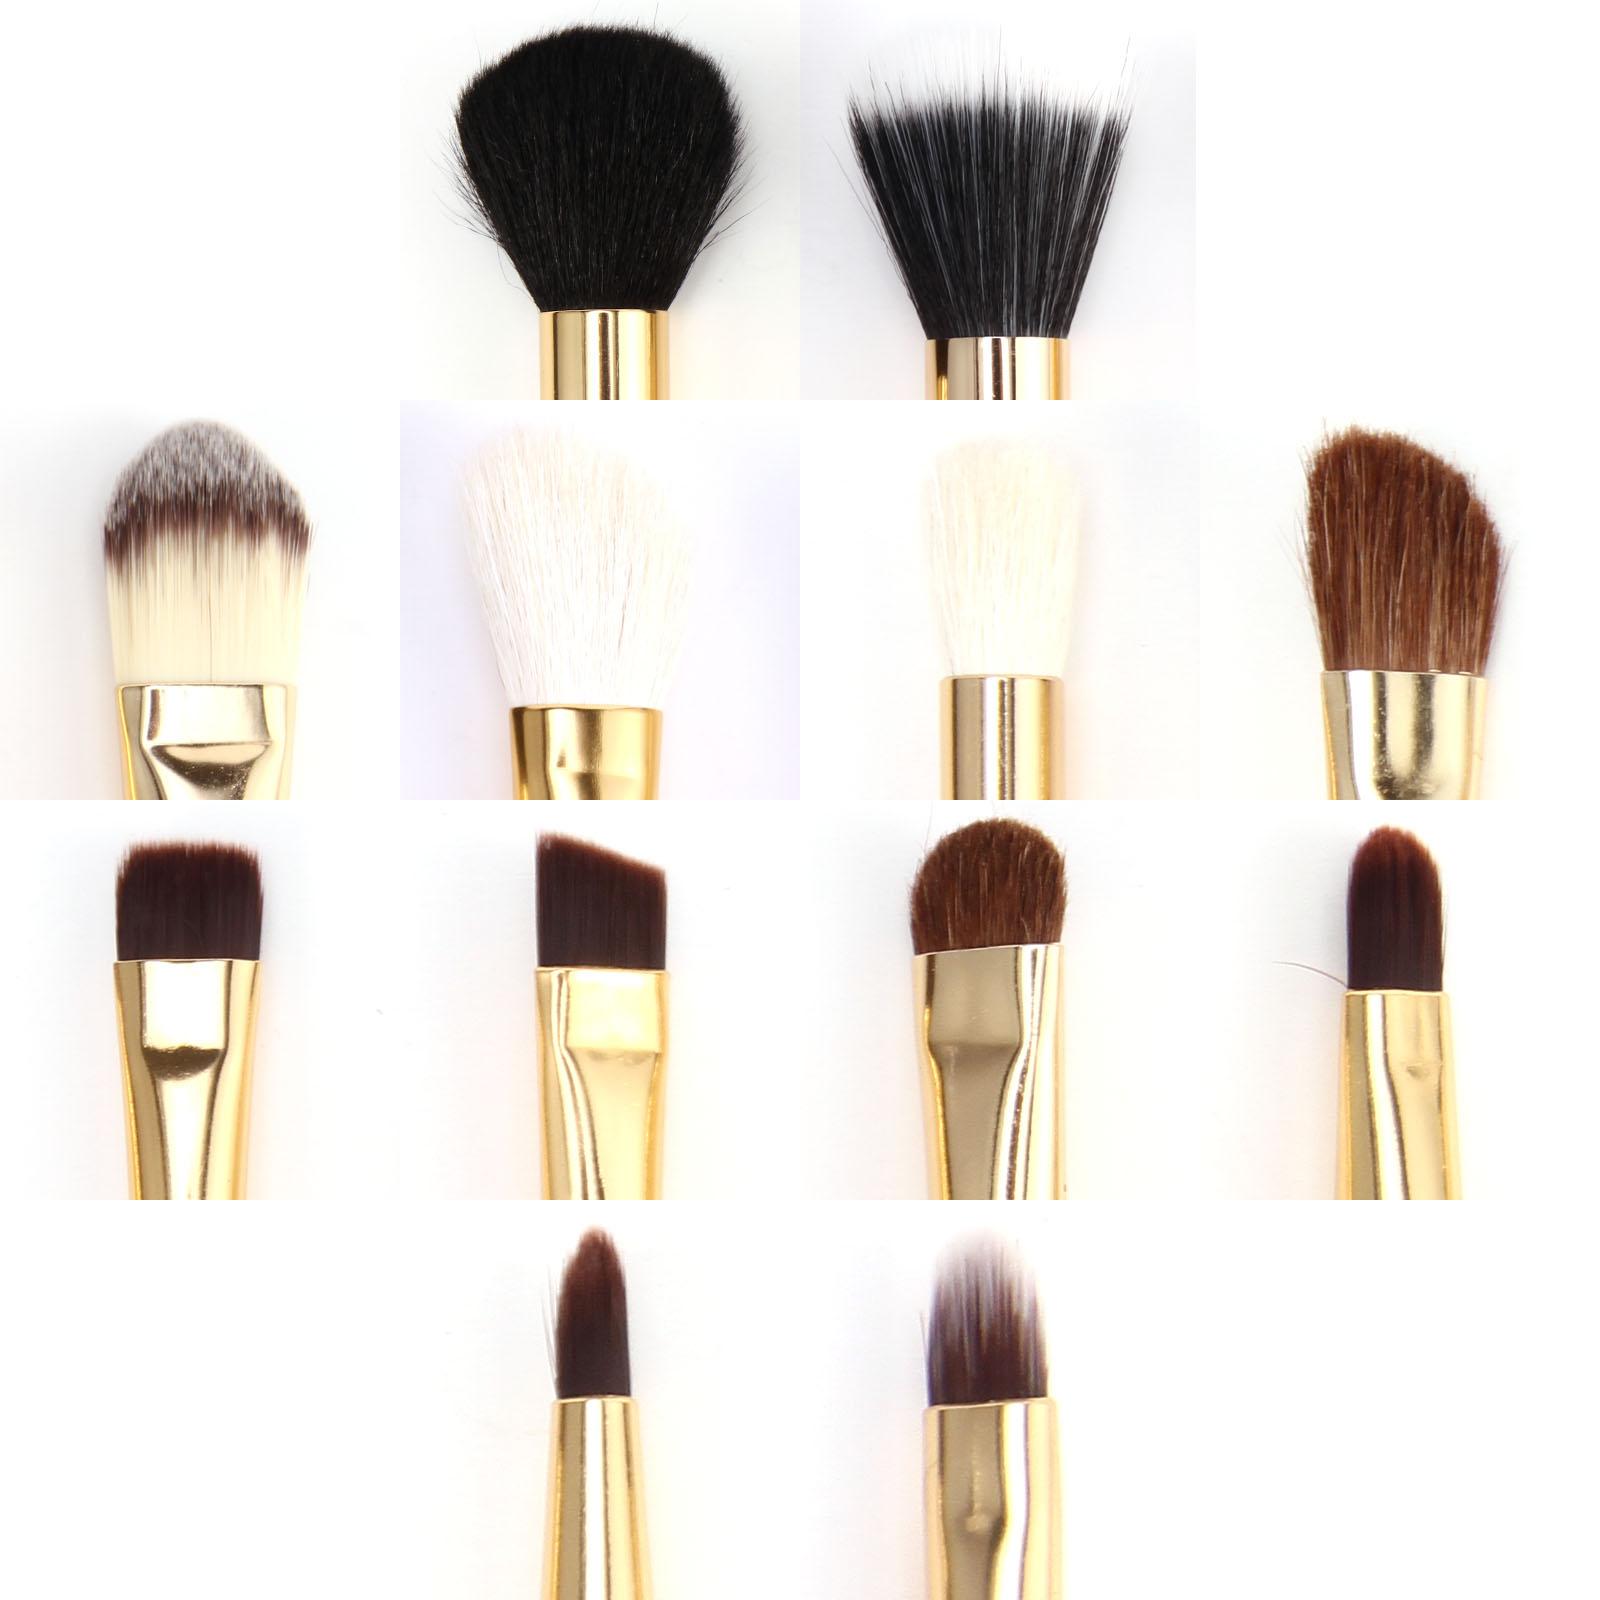 12tlg golden echthaare pinsel makeup set golden pinselset. Black Bedroom Furniture Sets. Home Design Ideas